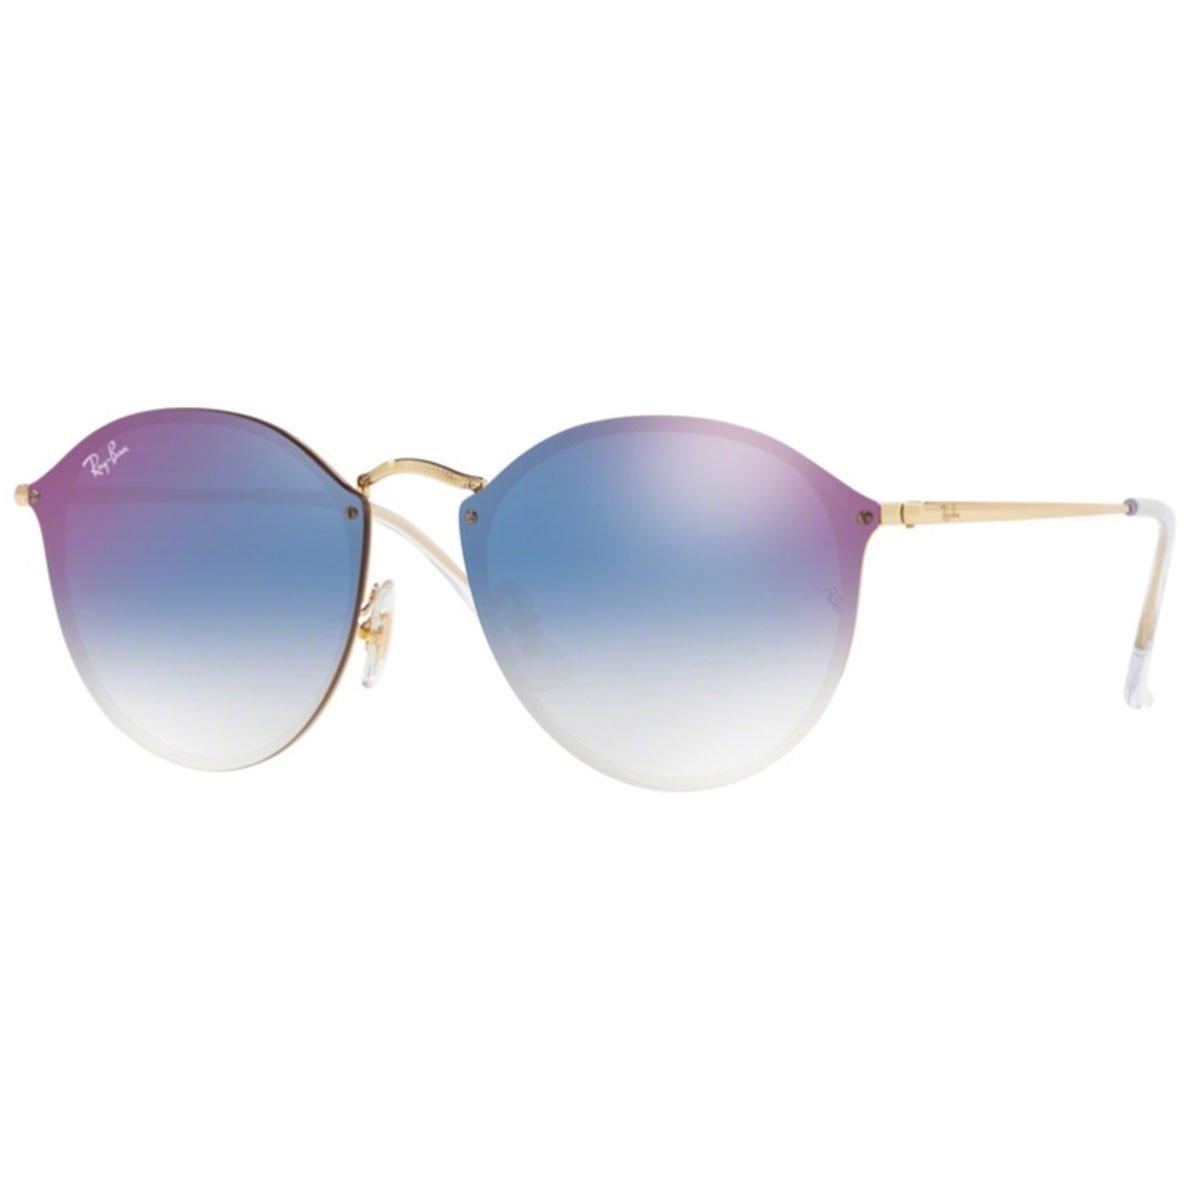 Compre Óculos de Sol Ray Ban Blaze Round em 10X   Tri-Jóia Shop c310a496e8